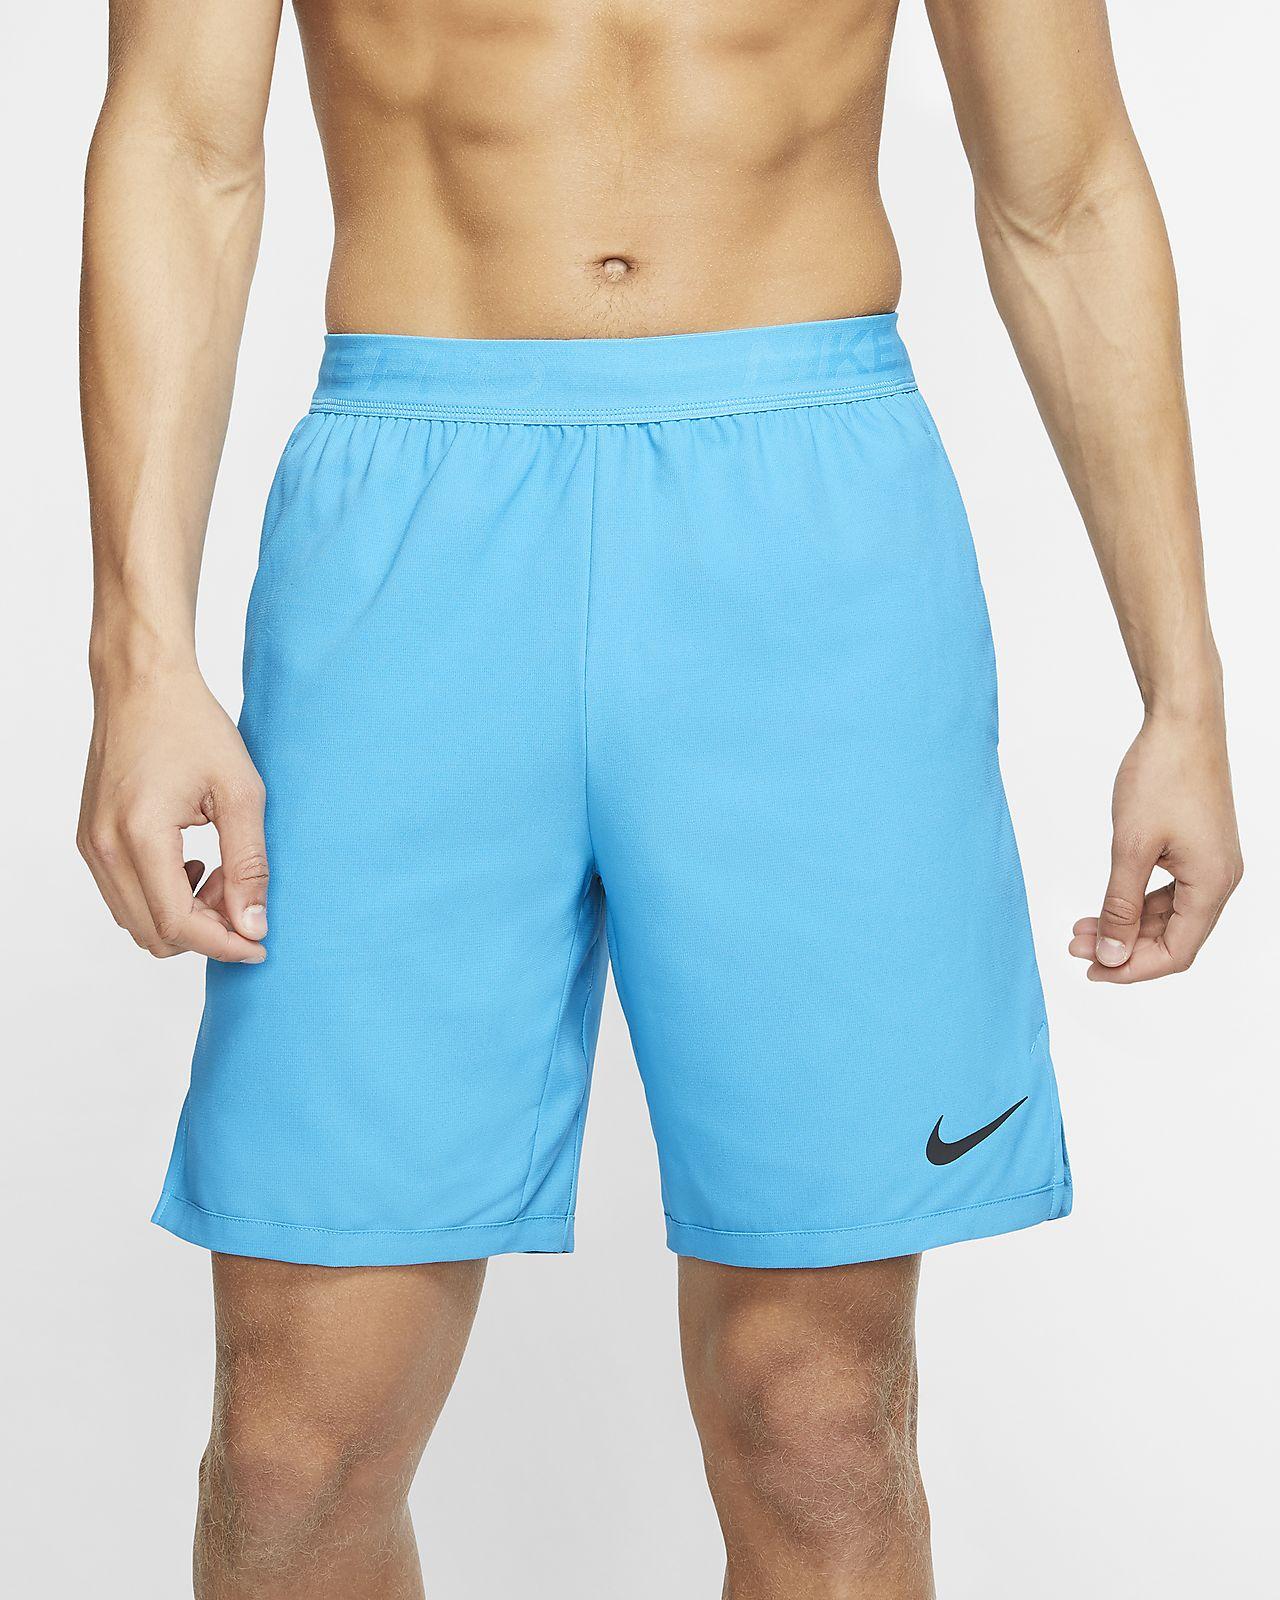 Shorts Nike Pro Flex Vent Max för män